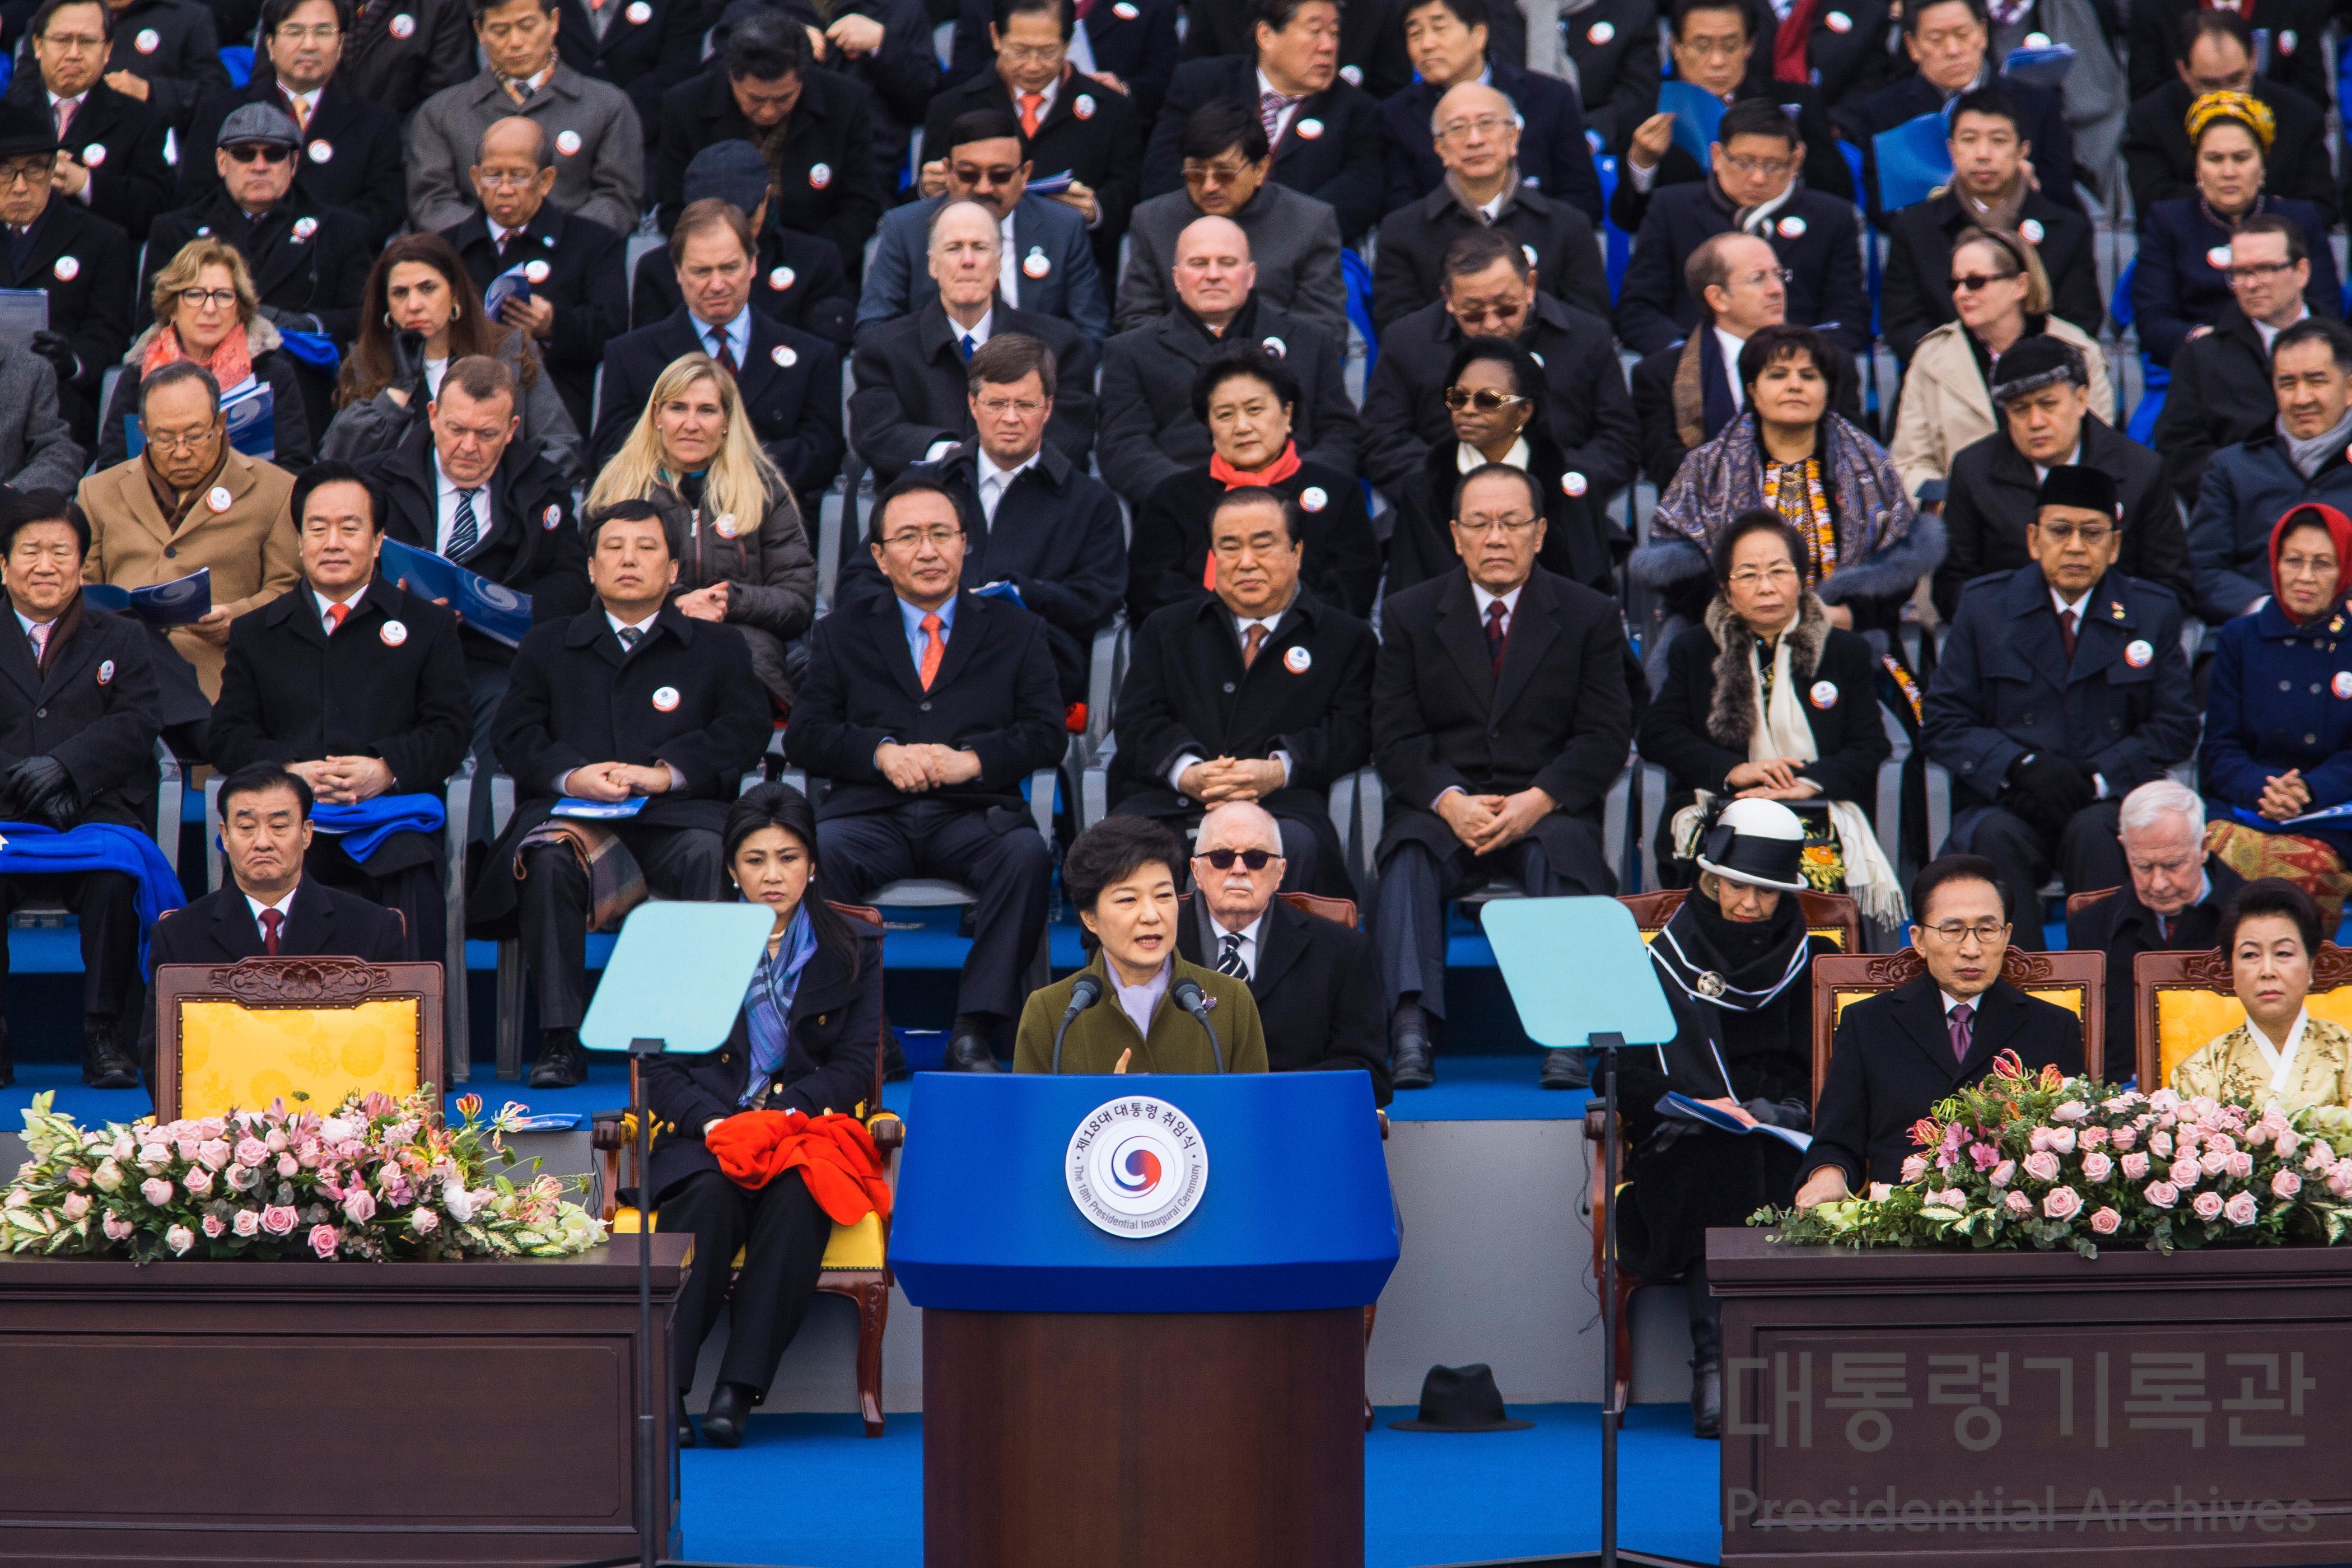 제18대 박근혜 대통령 취임사 사진